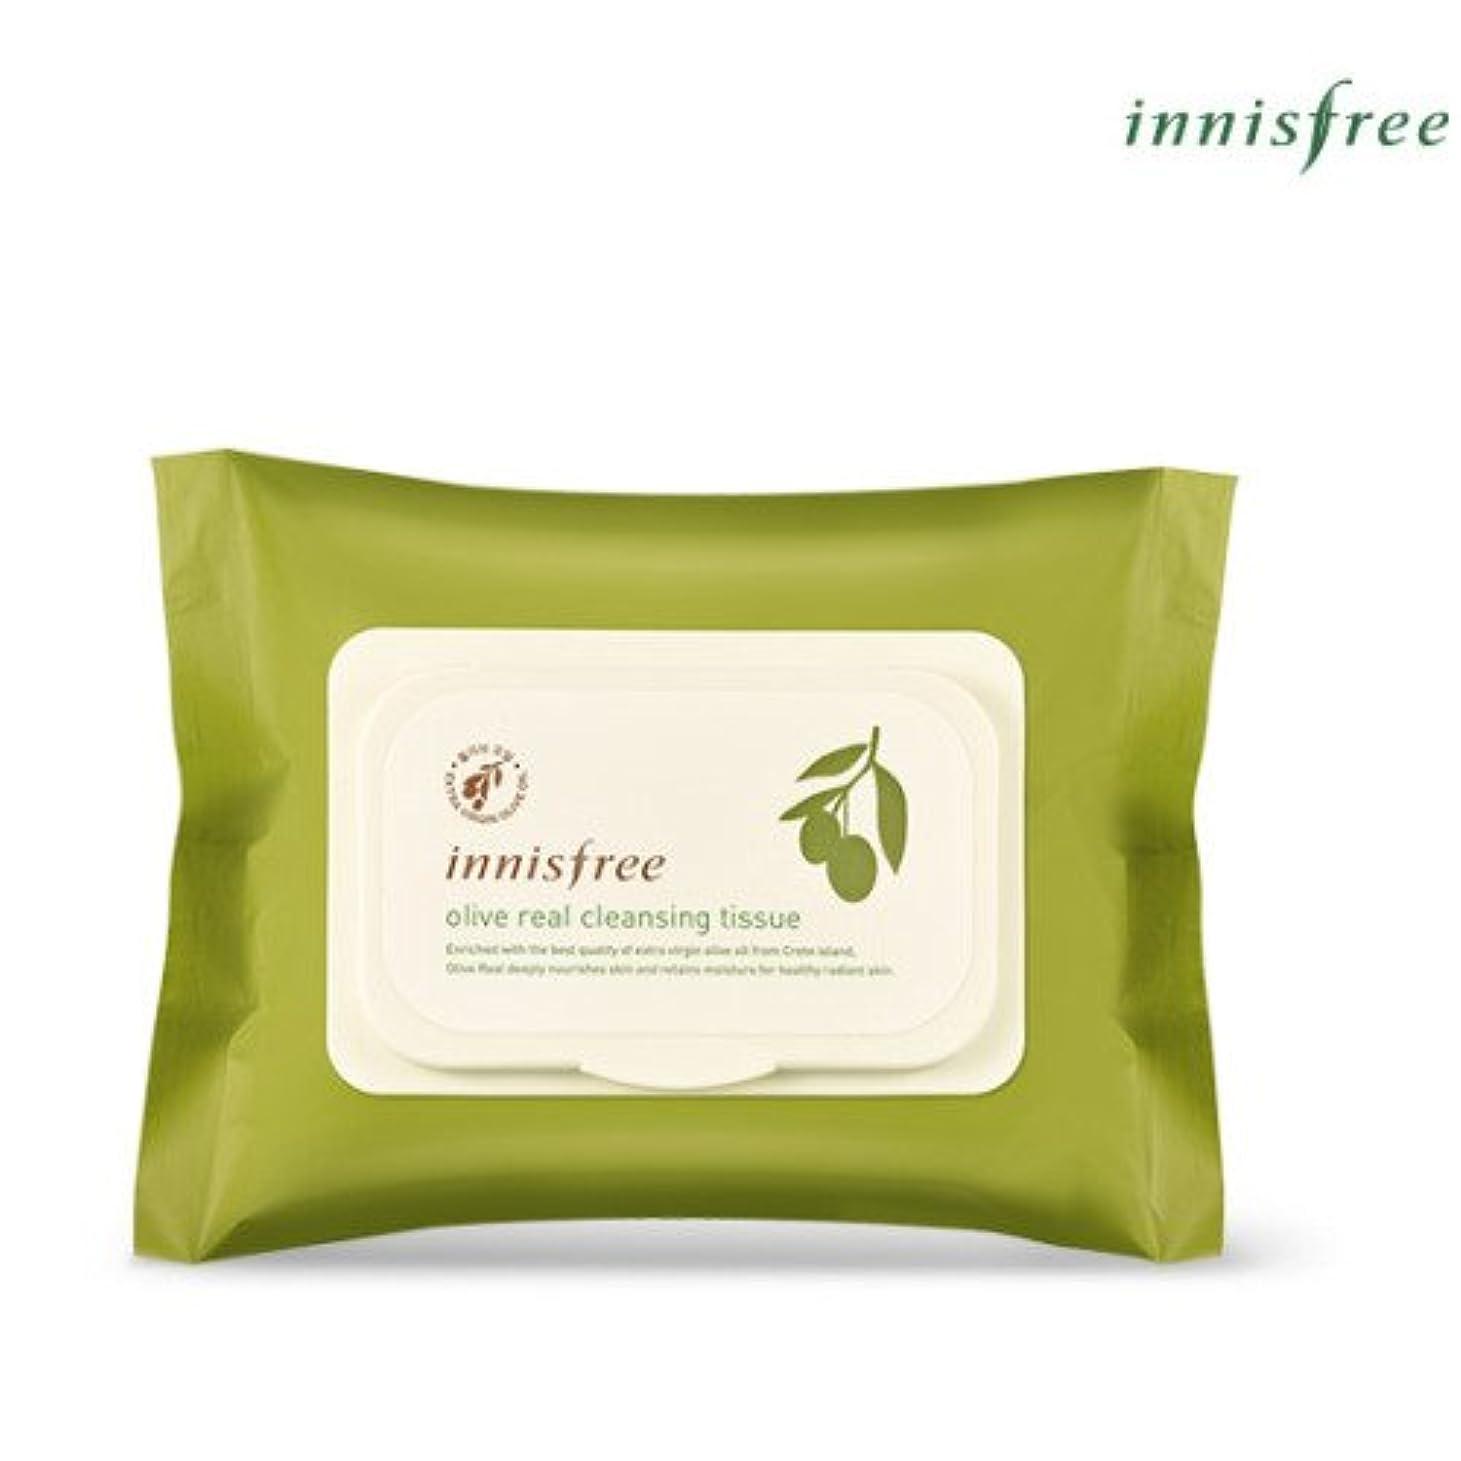 の貧困亜熱帯[INNISFREE]イニスフリーオリーブリアルクレンジングティッシュ30個入olive real cleansing tissue 30pcs [並行輸入品]